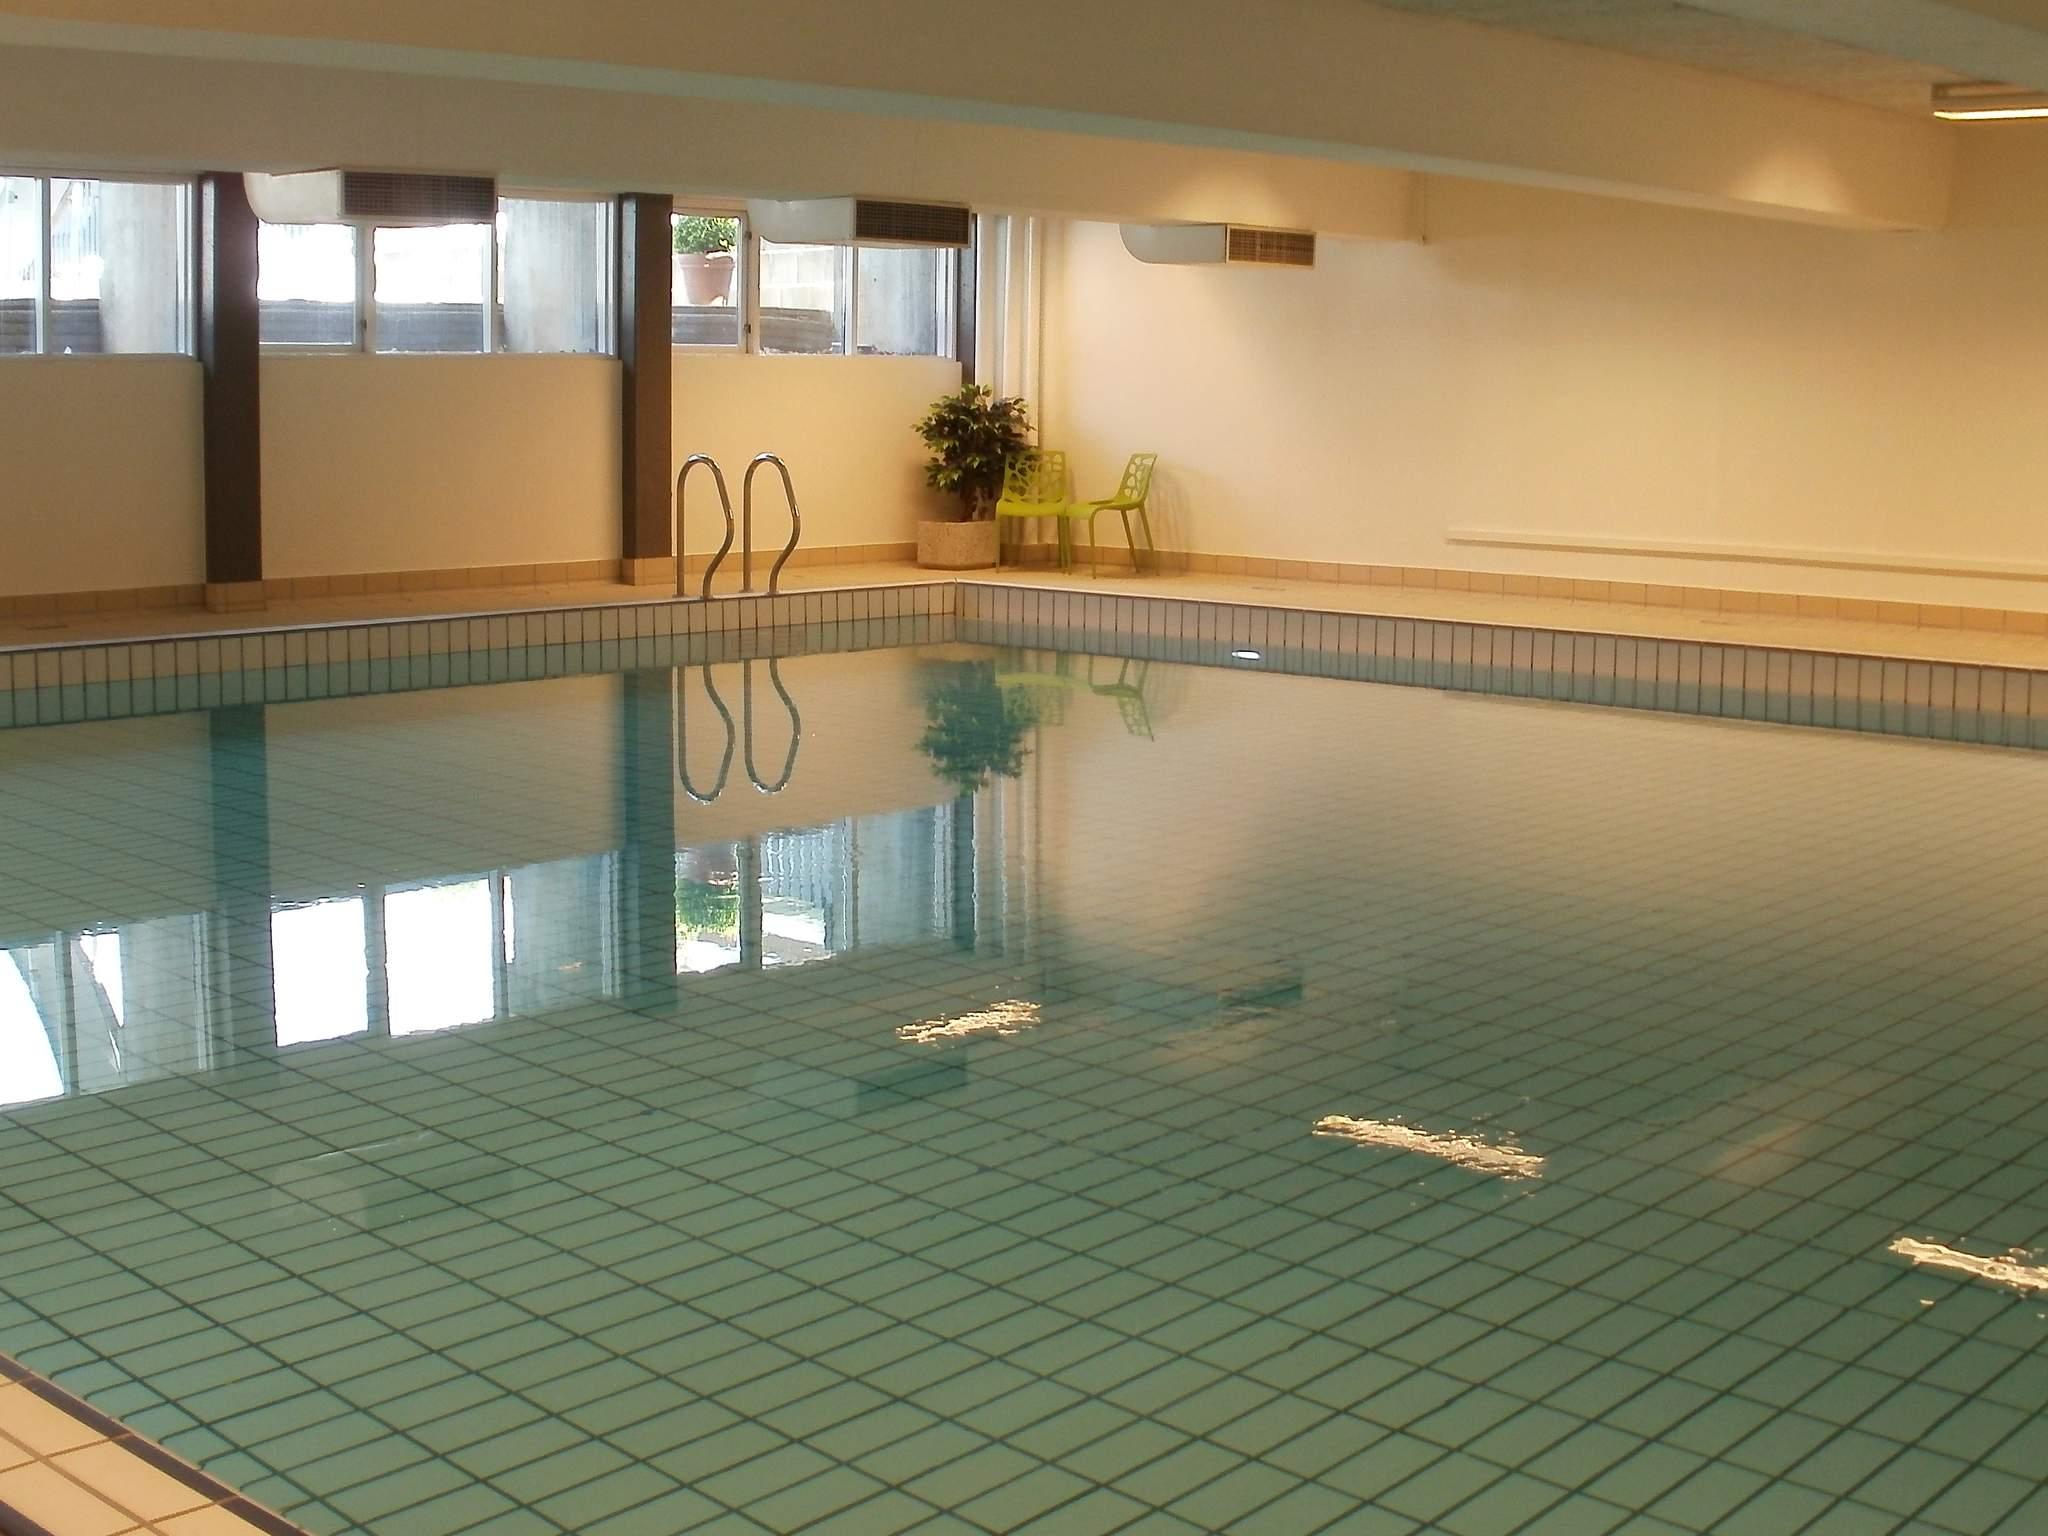 Appartement de vacances Fåborg - Typ 5 - 2 Zimmer,Erdg./1. Stock (1086793), Faaborg, , Fionie, Danemark, image 16